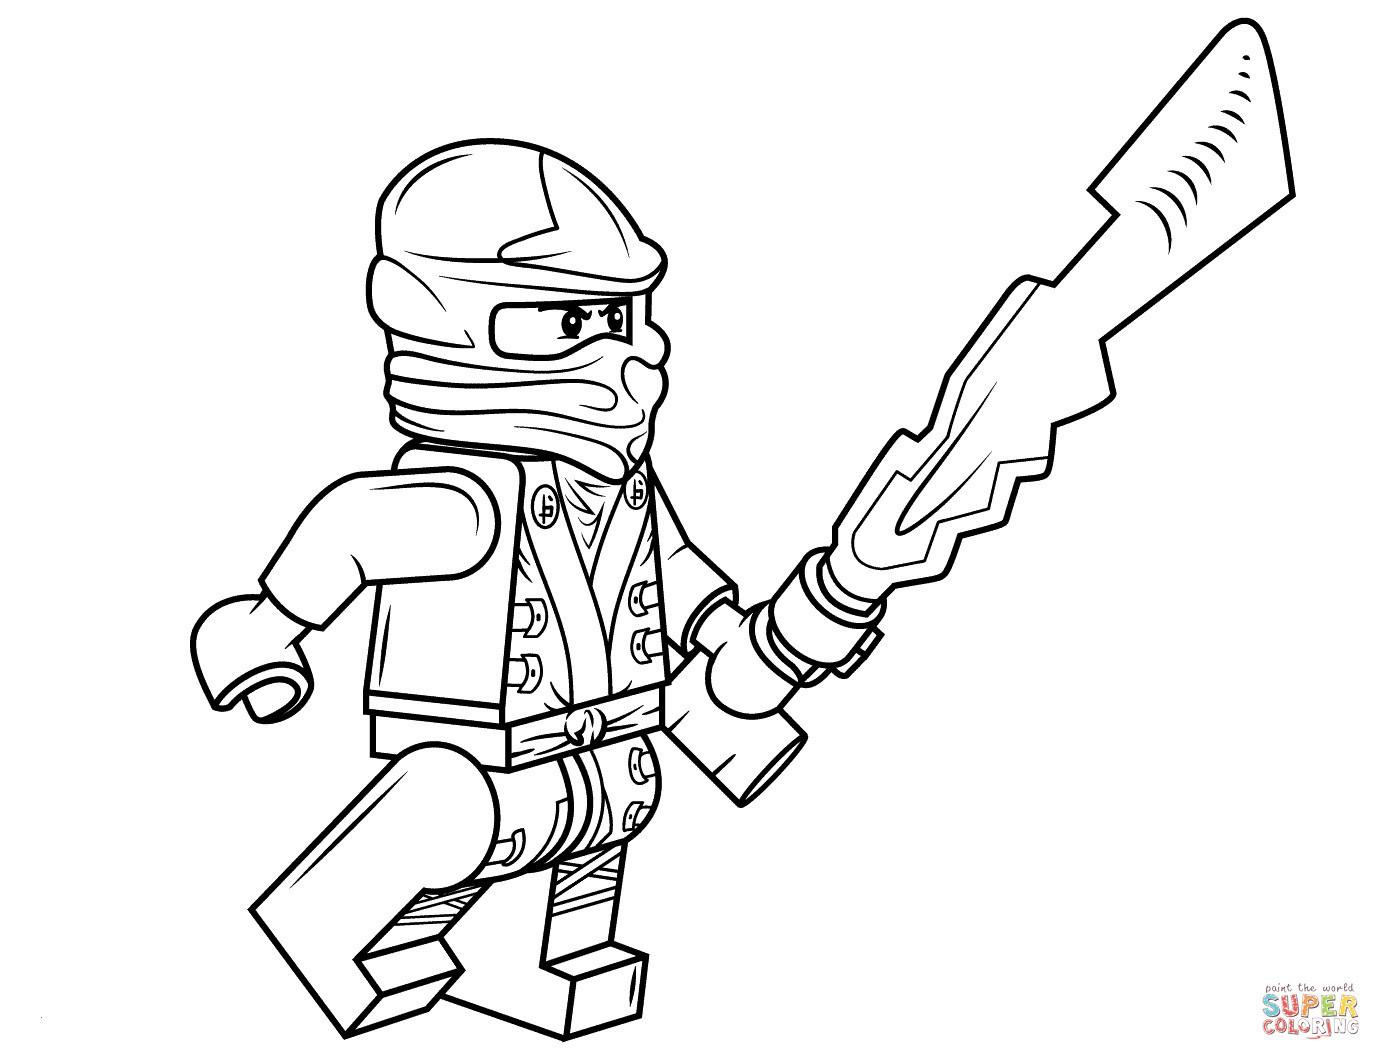 Lego Star Wars Malvorlagen Inspirierend Lego Ninjago Ausmalbilder Kai Inspirierend Lego Star Wars Figuren Sammlung